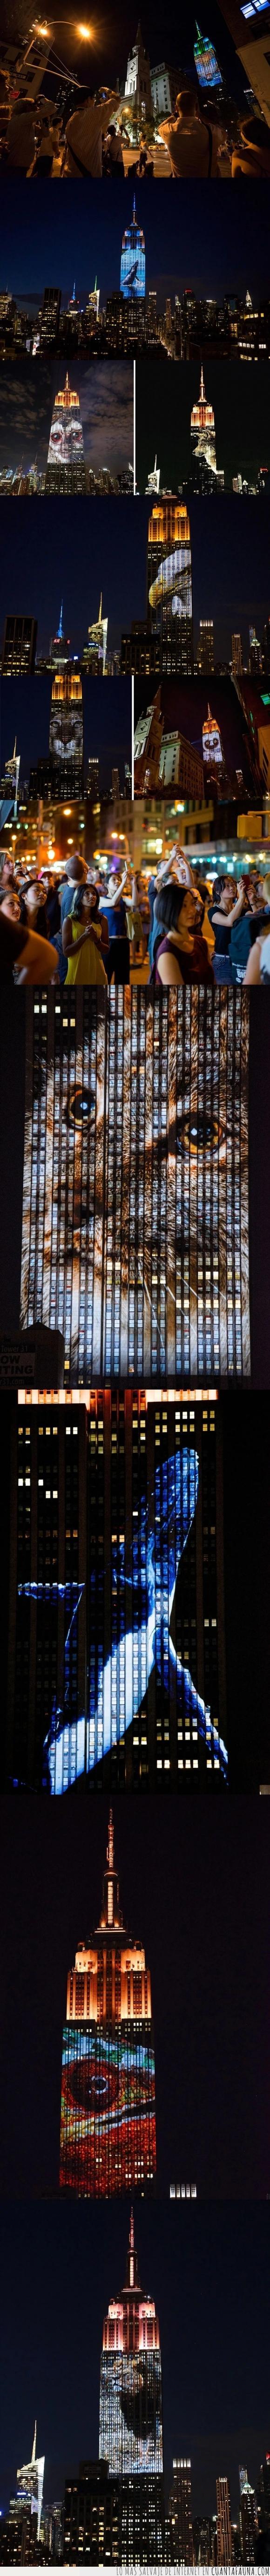 animales,Cecil,Empire State Building,especies,león,New York,Nueva York,NY,peligro extinción